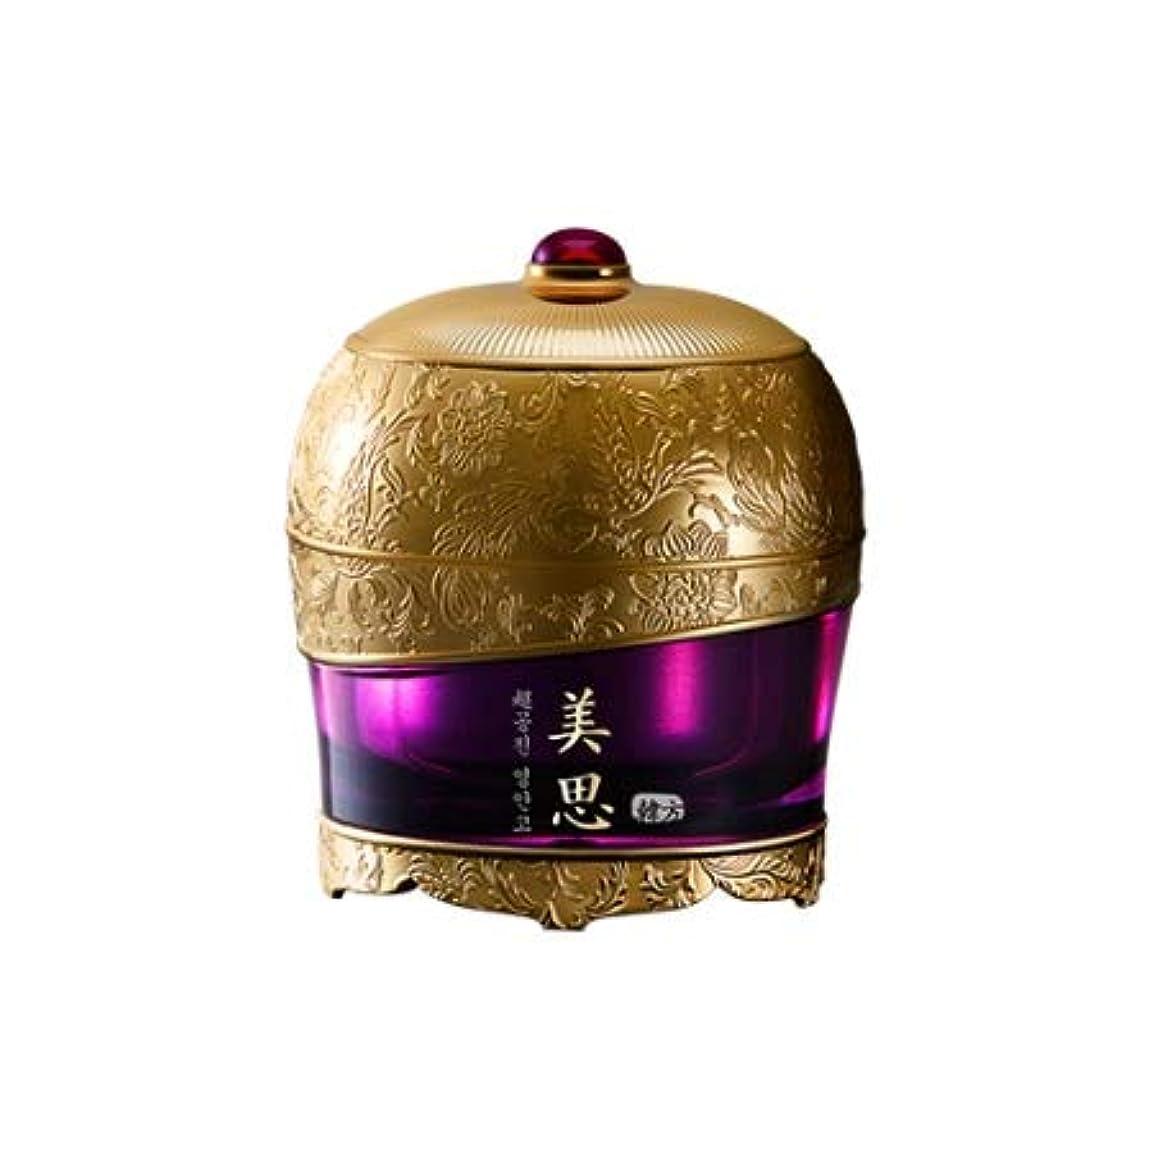 広範囲甘美な温帯MISSHA Chogongjin Premium cream ミシャ美思超拱辰(チョゴンジン) 永安膏 クリーム クリーム 60ml [並行輸入品]